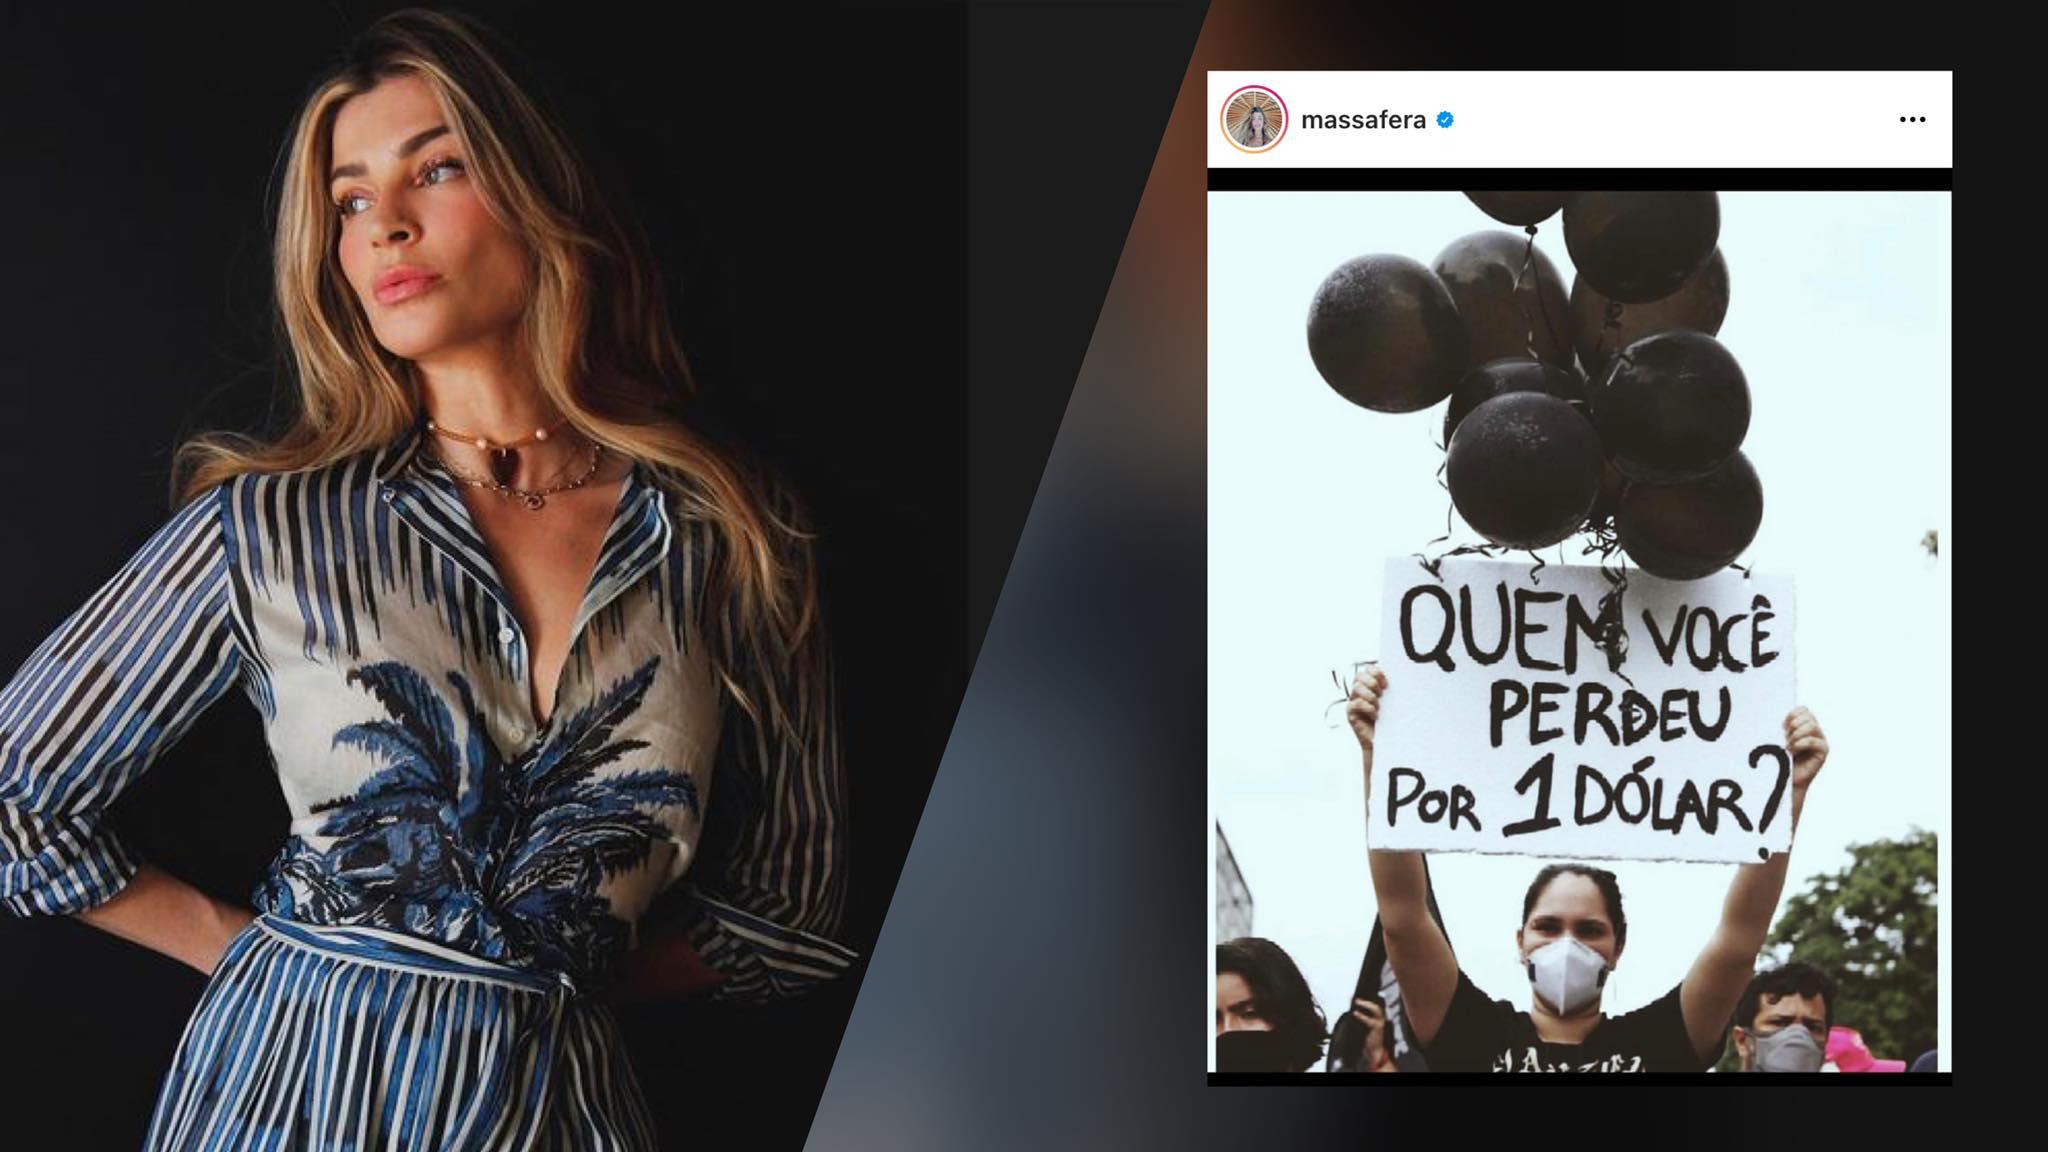 """Grazi Massafera fez uma postagem criticando o governo e foi """"cancelada"""". Montatagem: (Fashion Bubbles)"""